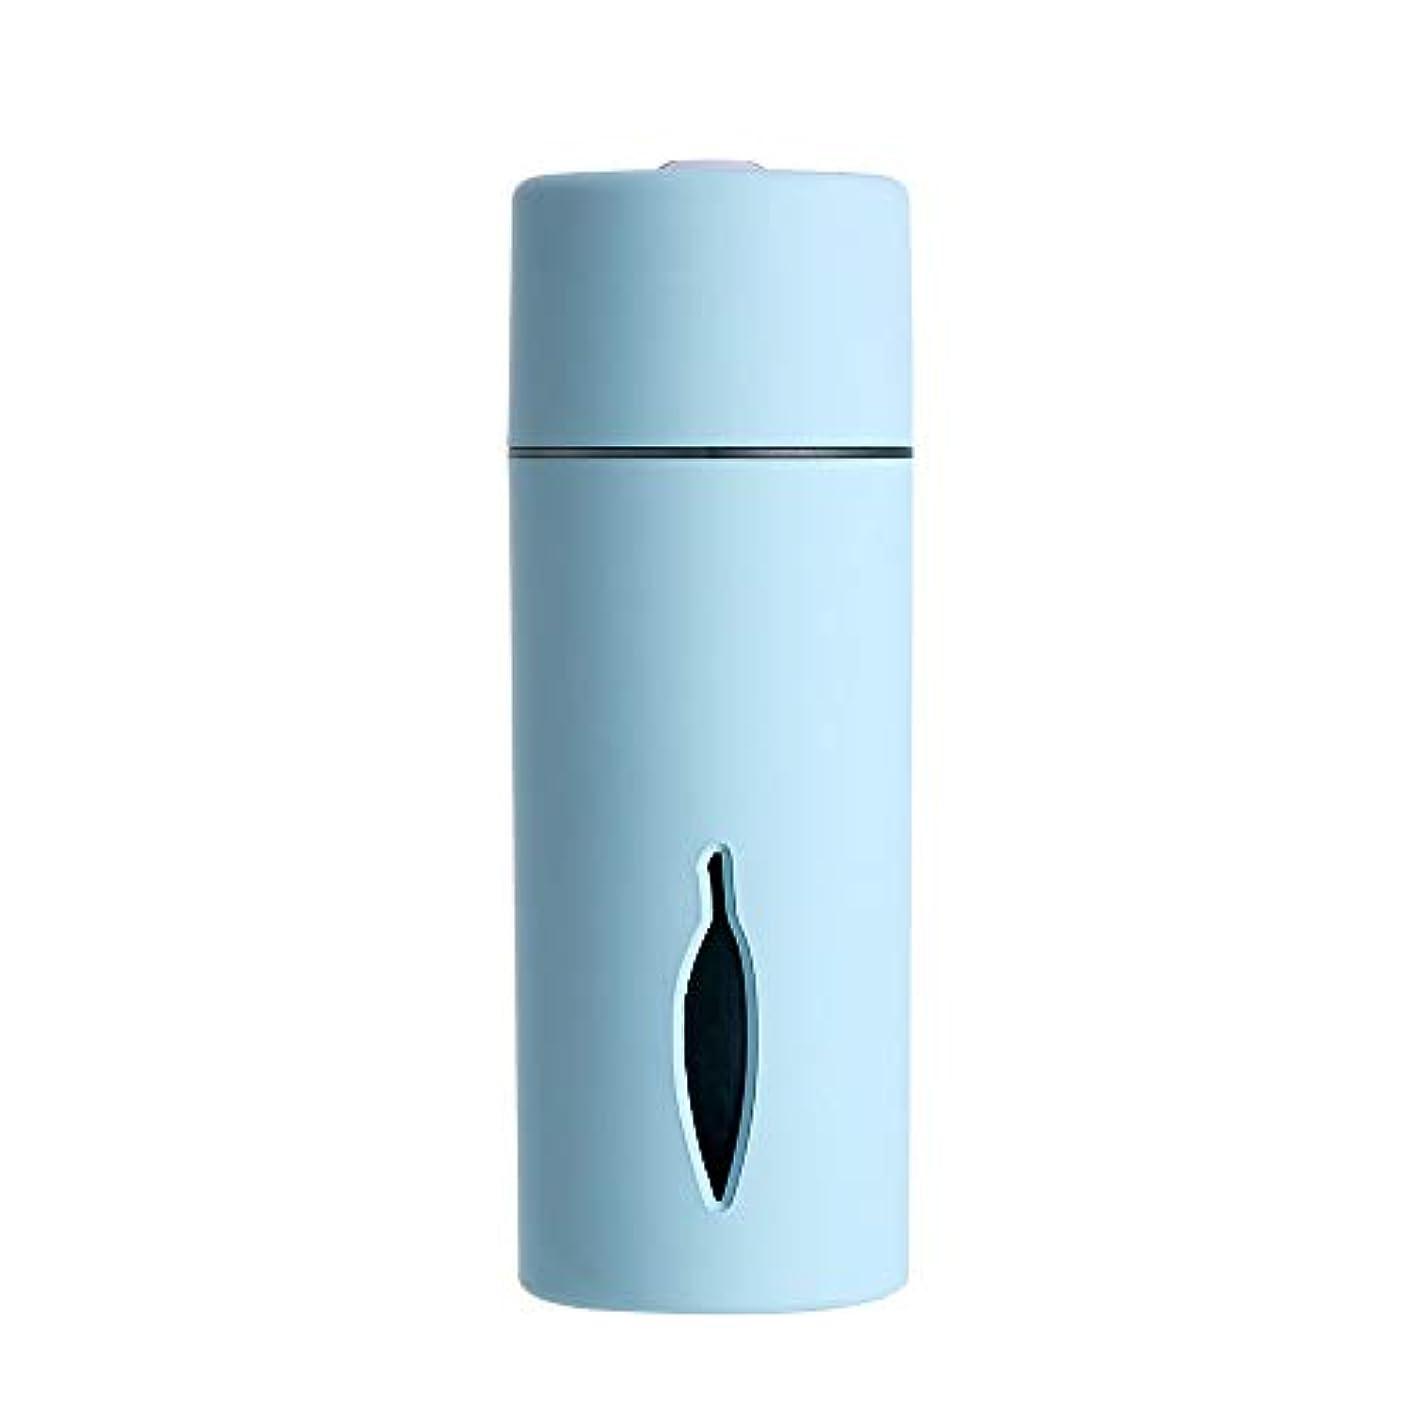 枢機卿多数の血統ZXF クリエイティブ新しいカラフルな夜の光の葉加湿器usb車のミニホームスプレー楽器水道メーターブルーセクションピンク 滑らかである (色 : Blue)